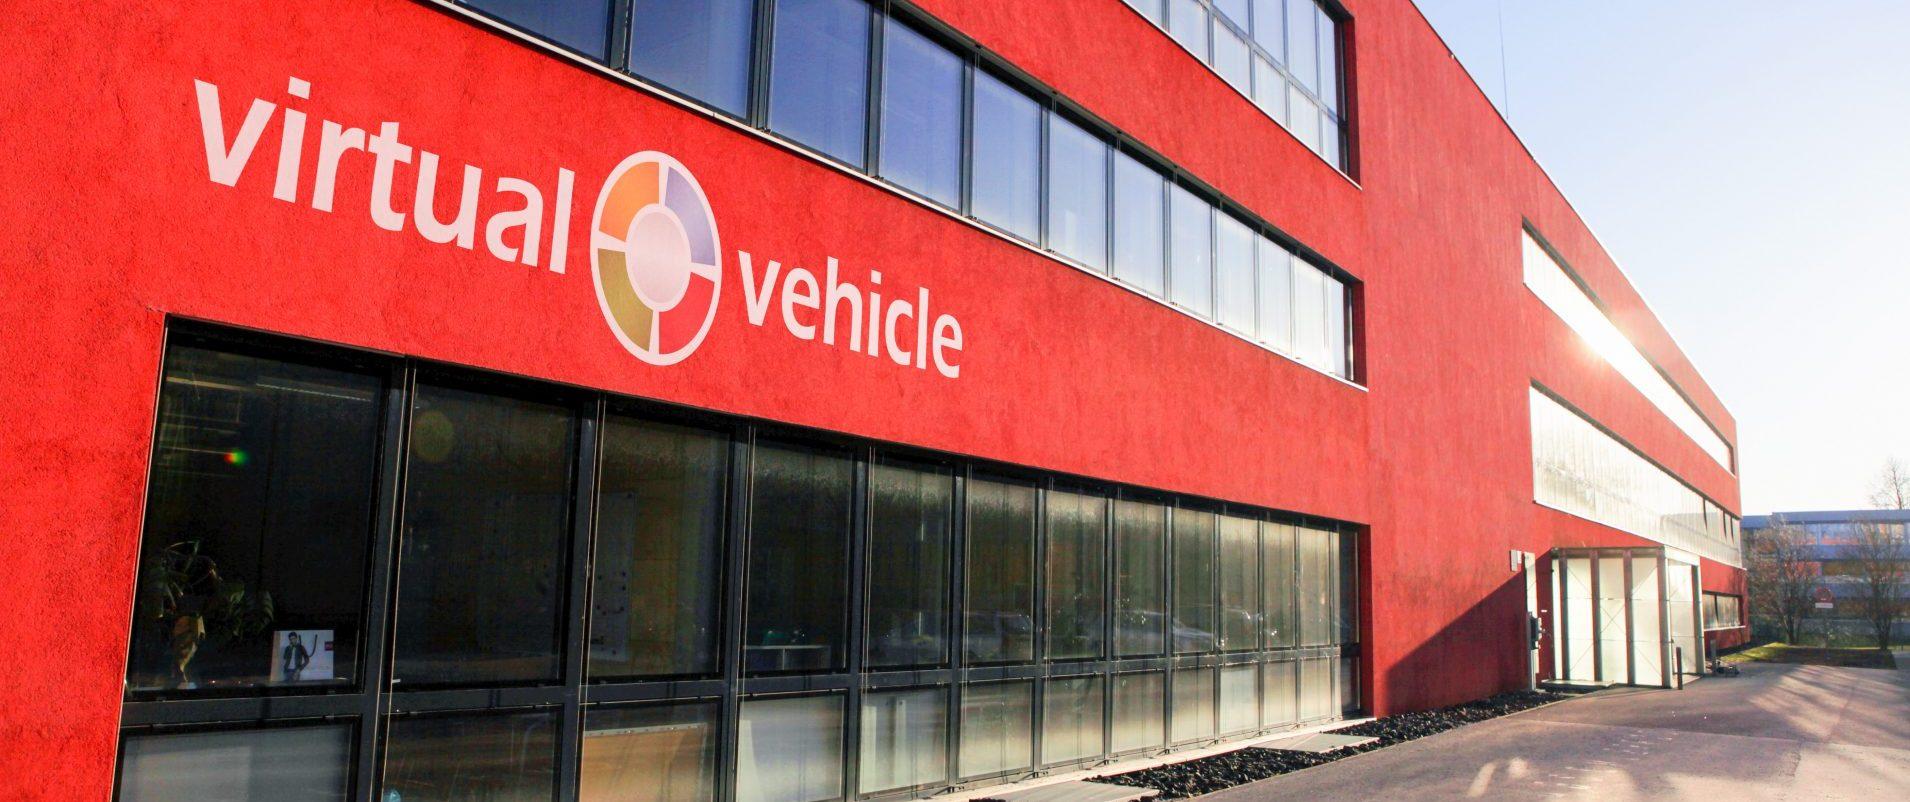 300+ Forscherinnen und Forscher für die Fahrzeugtechnologien der Zukunft.